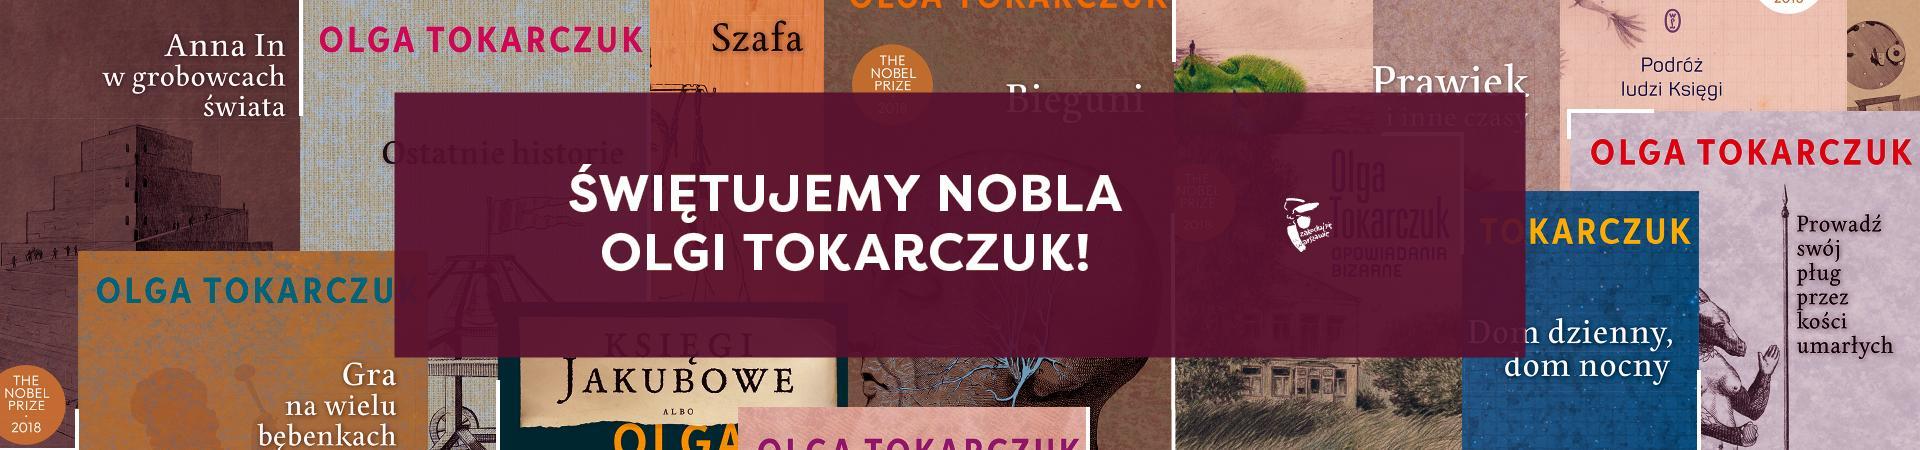 Czytajmy Olgę Tokarczuk!